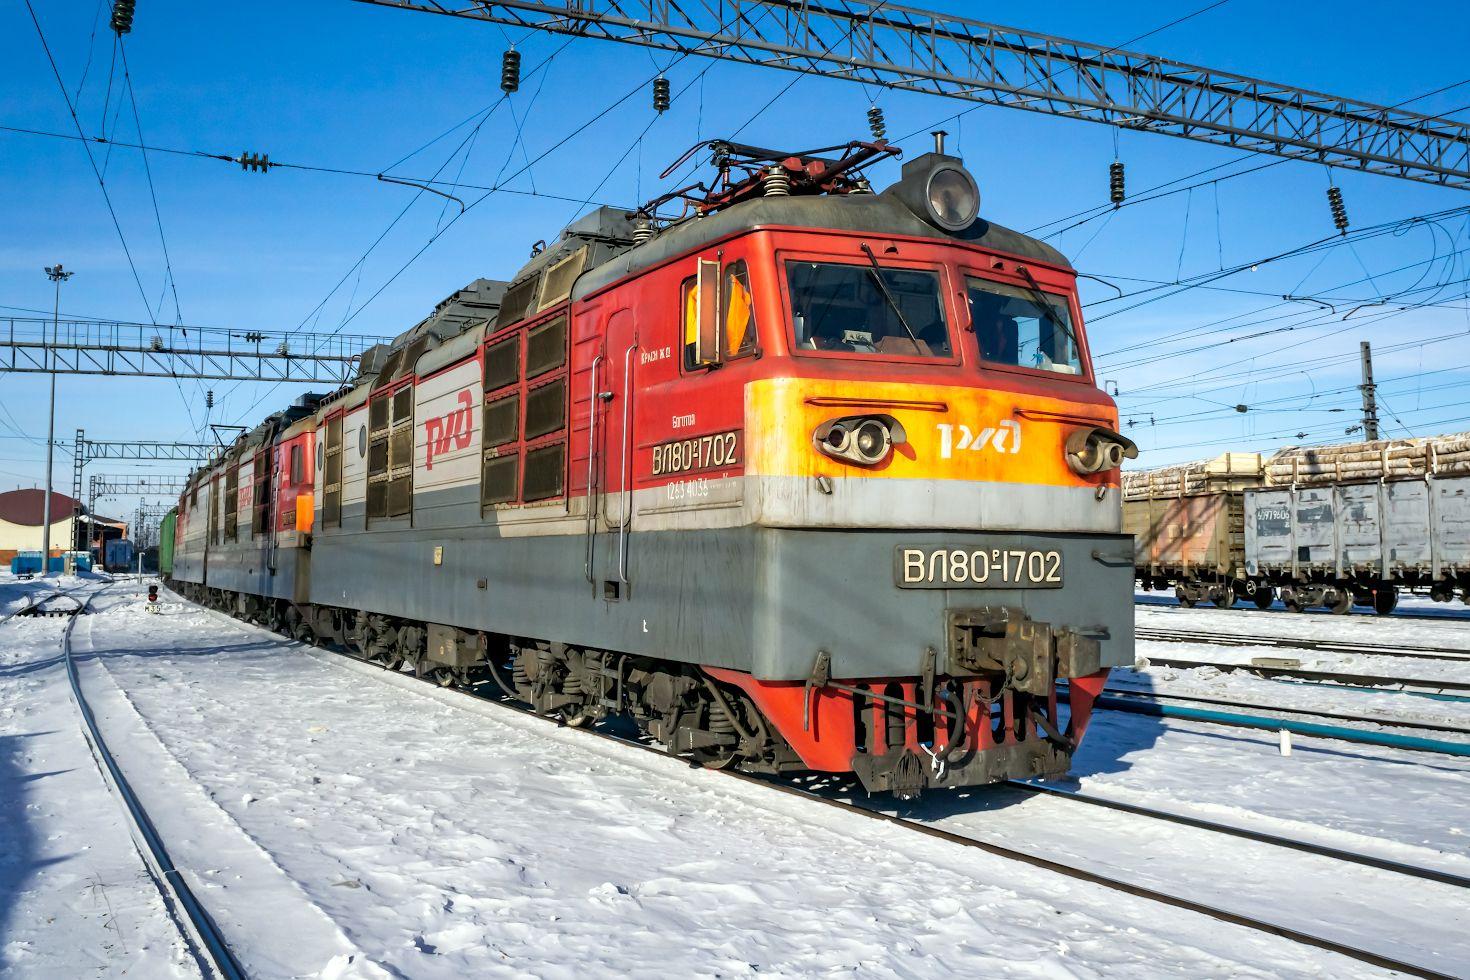 ВЛ80Р-1702 railway железная дорога locomotive локомотив электровоз поезд train Russia Siberia Irkutsk Россия Сибирь Иркутск споттинг spotting